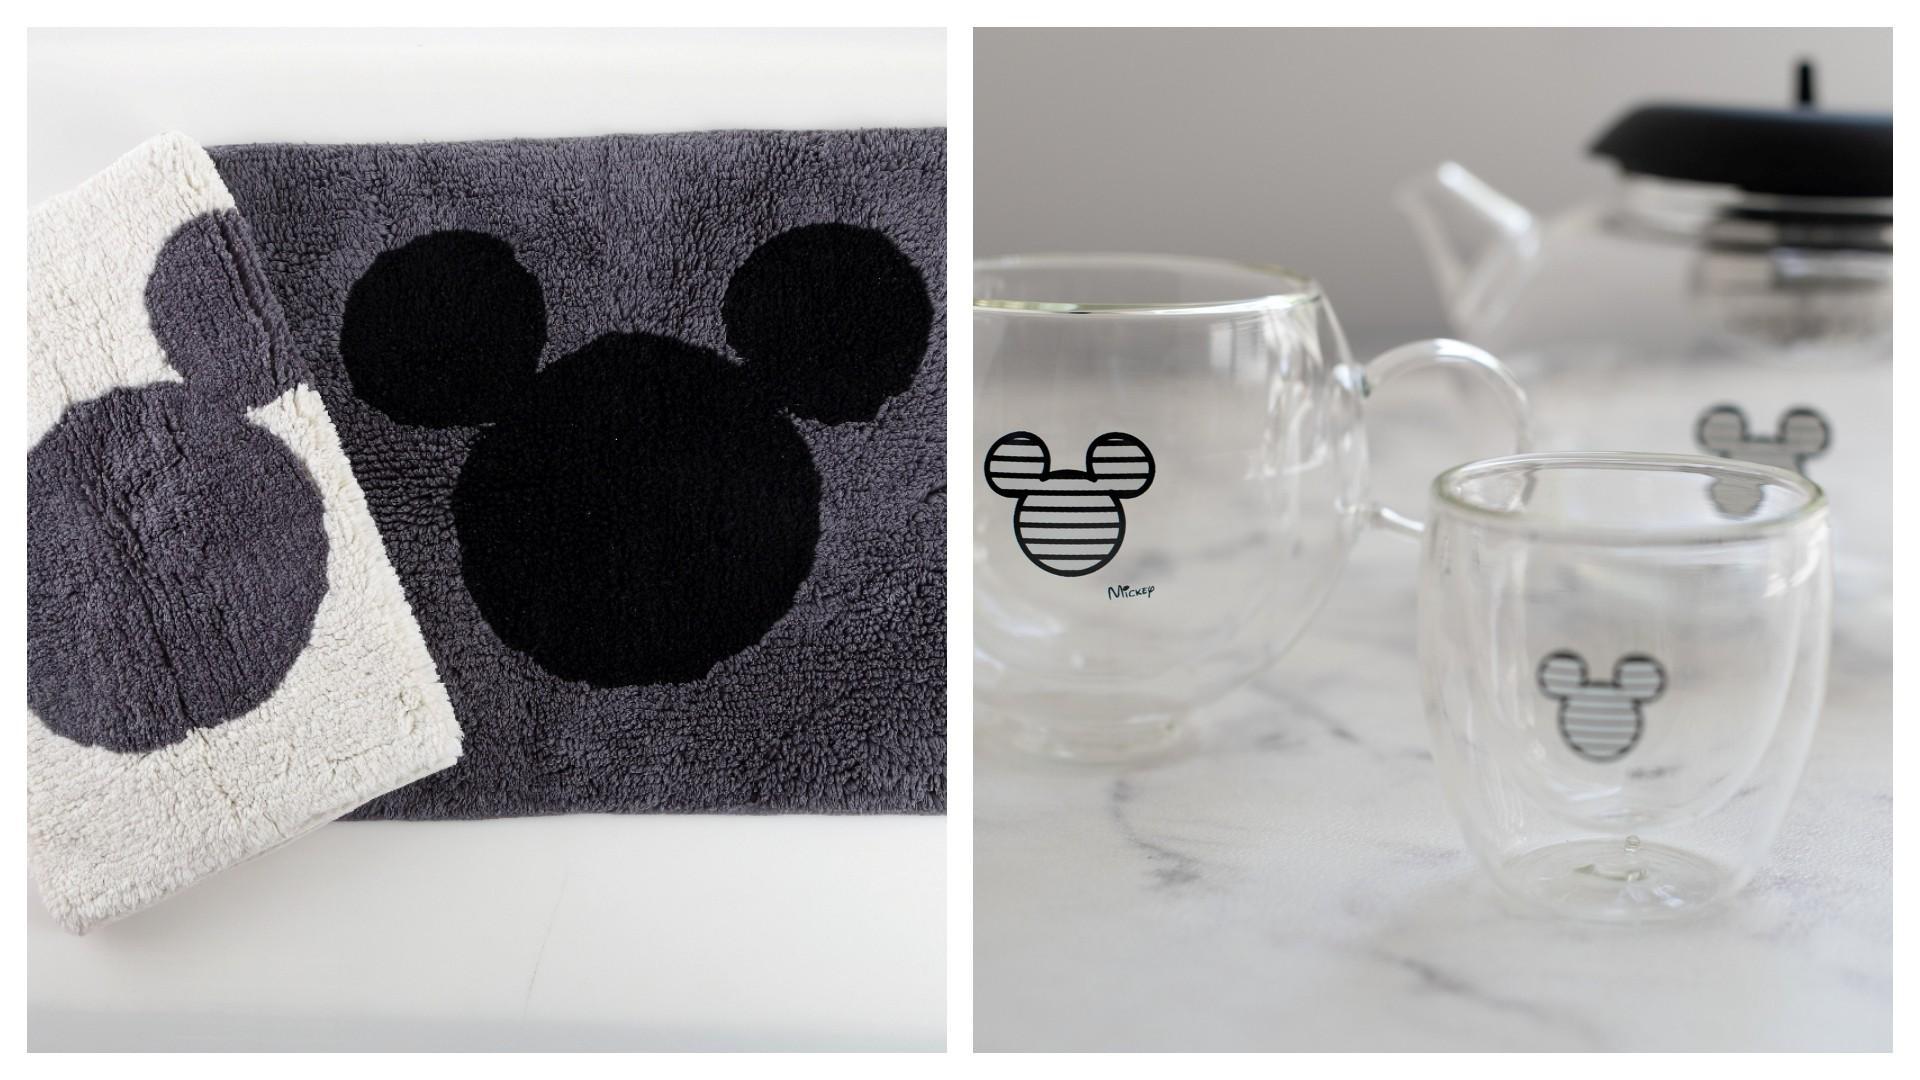 מימין: קנקן תה וכוסות קפוצ'ינו, נעמן. צילום: תמי בר שי. משמאל: שטחי אמבט, ורדינון. צילום: שירה רז.